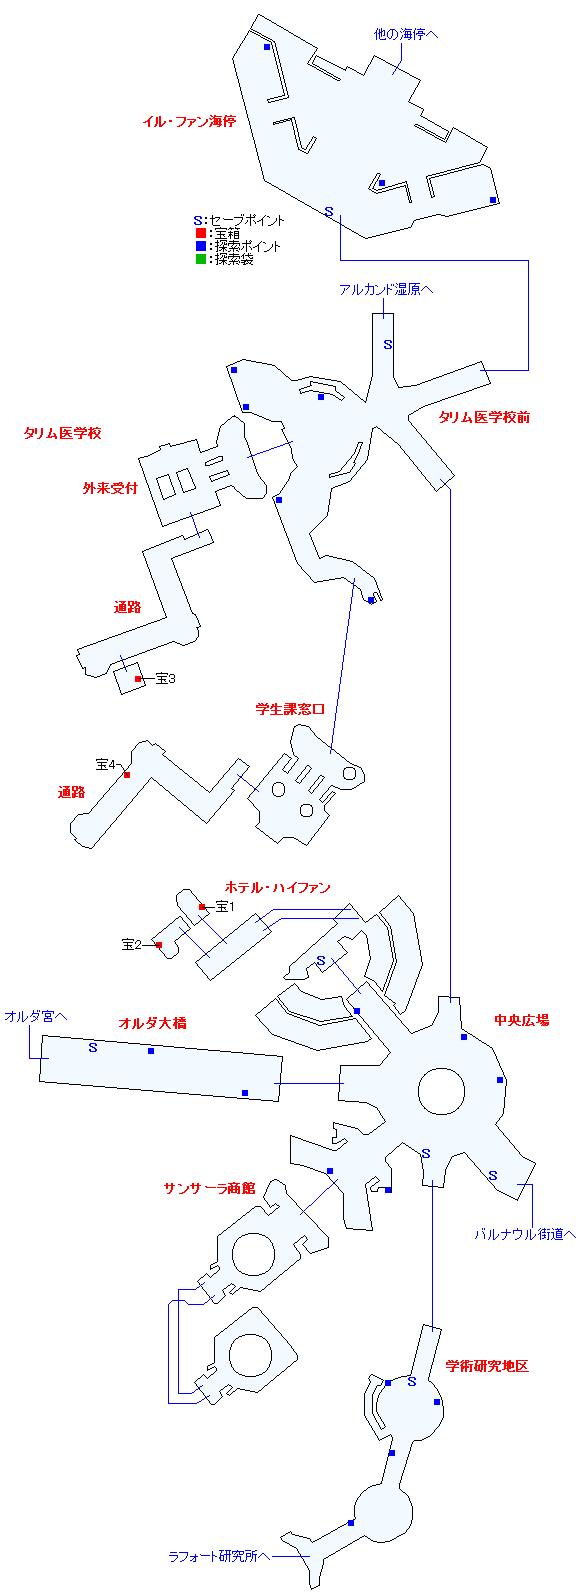 マップ画像・イル・ファン(ミラ編)